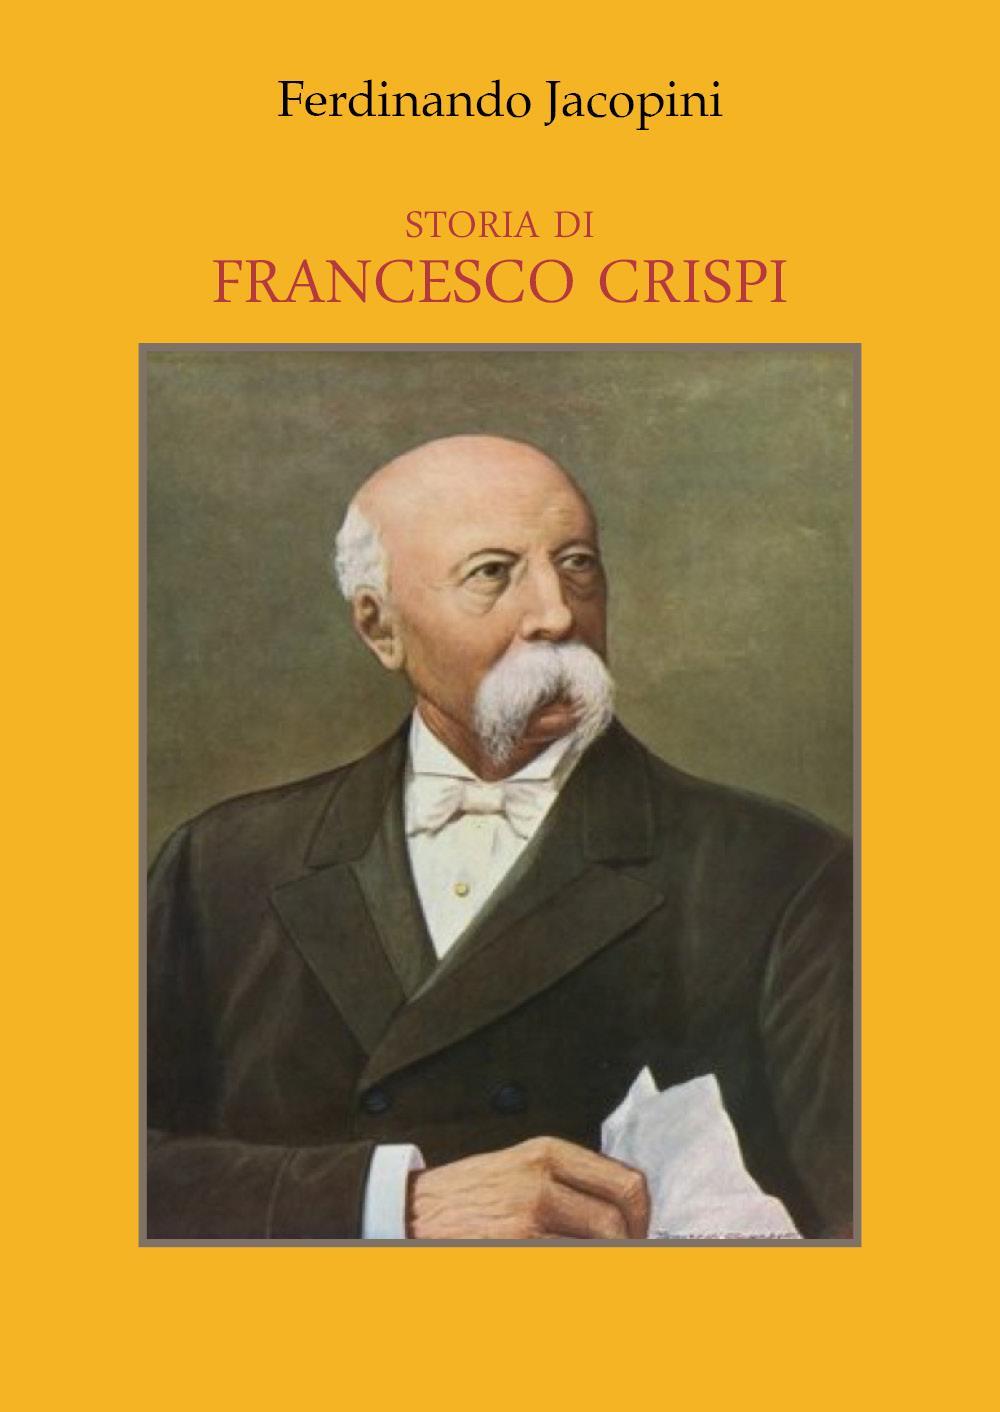 Storia di Francesco Crispi